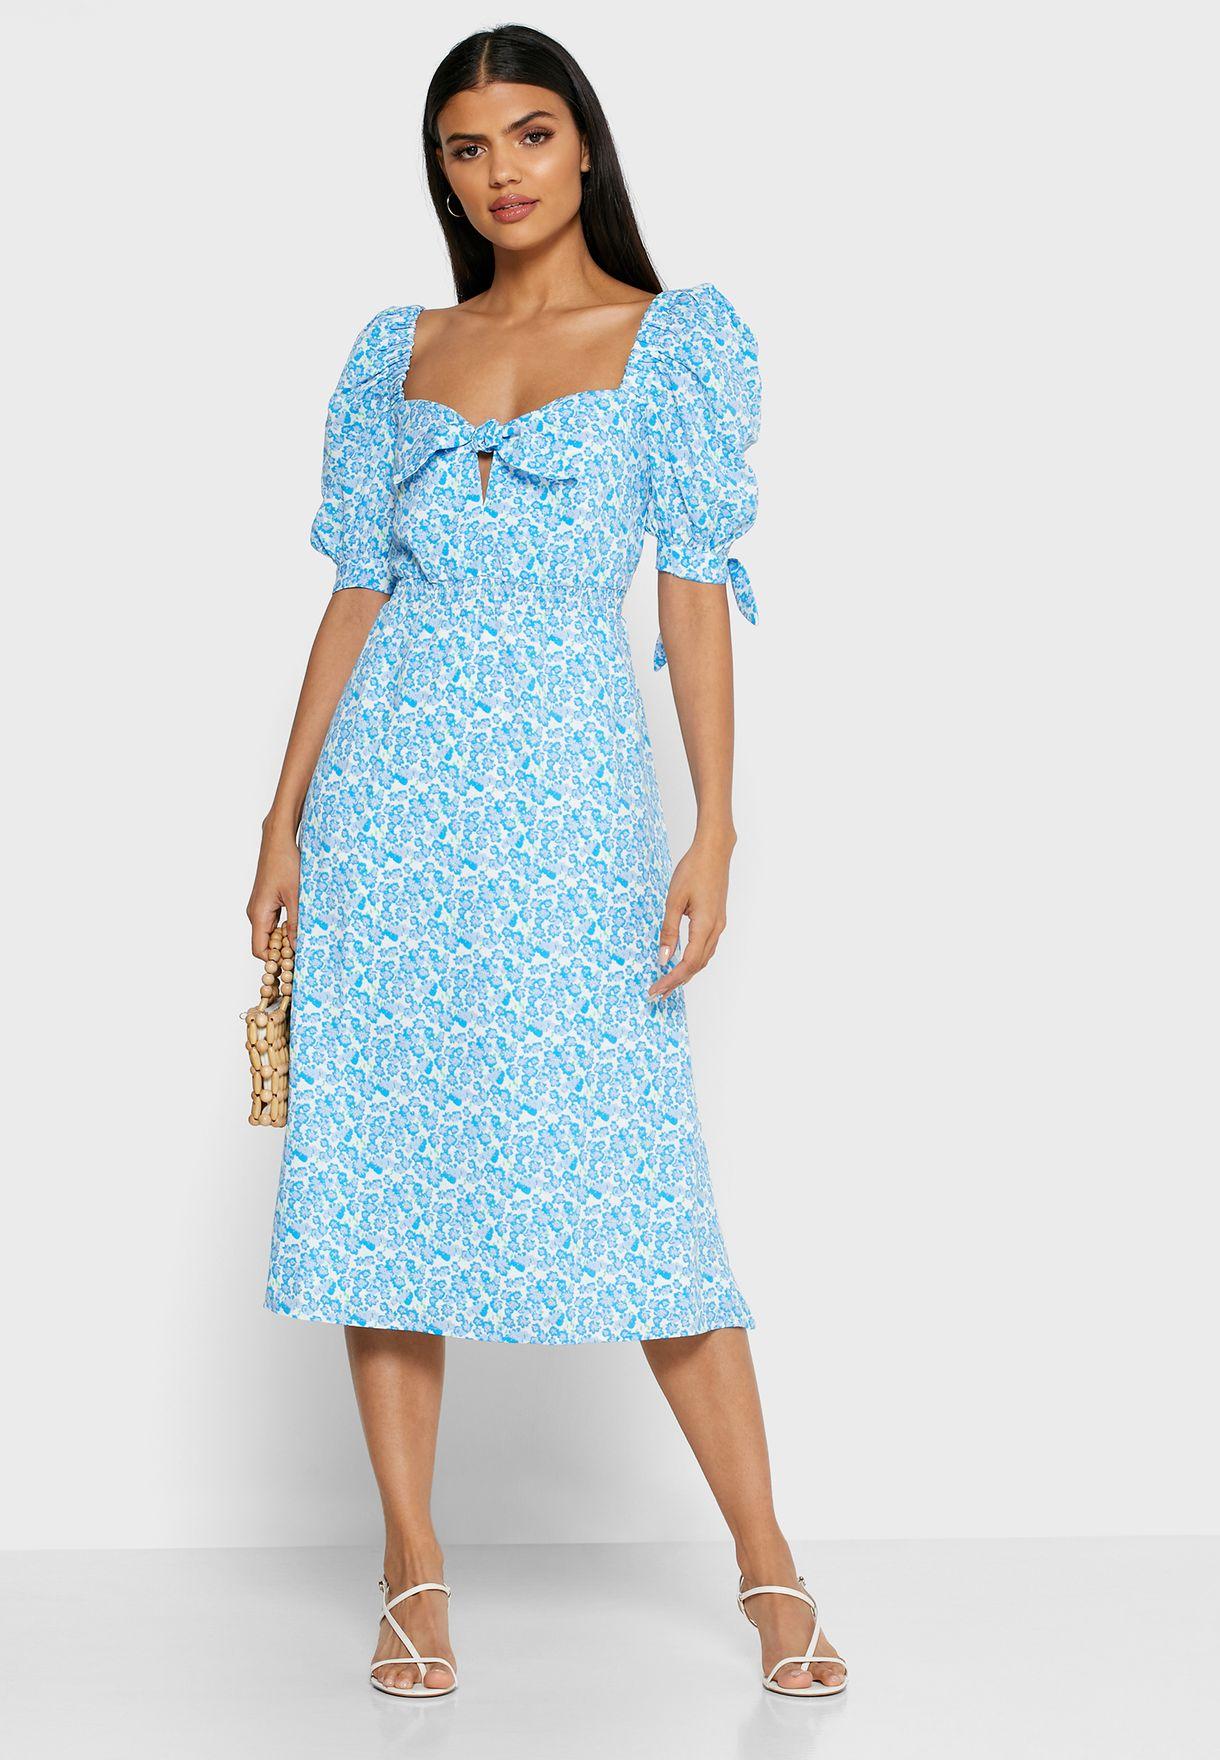 Floral Print Tie Sleeve Dress